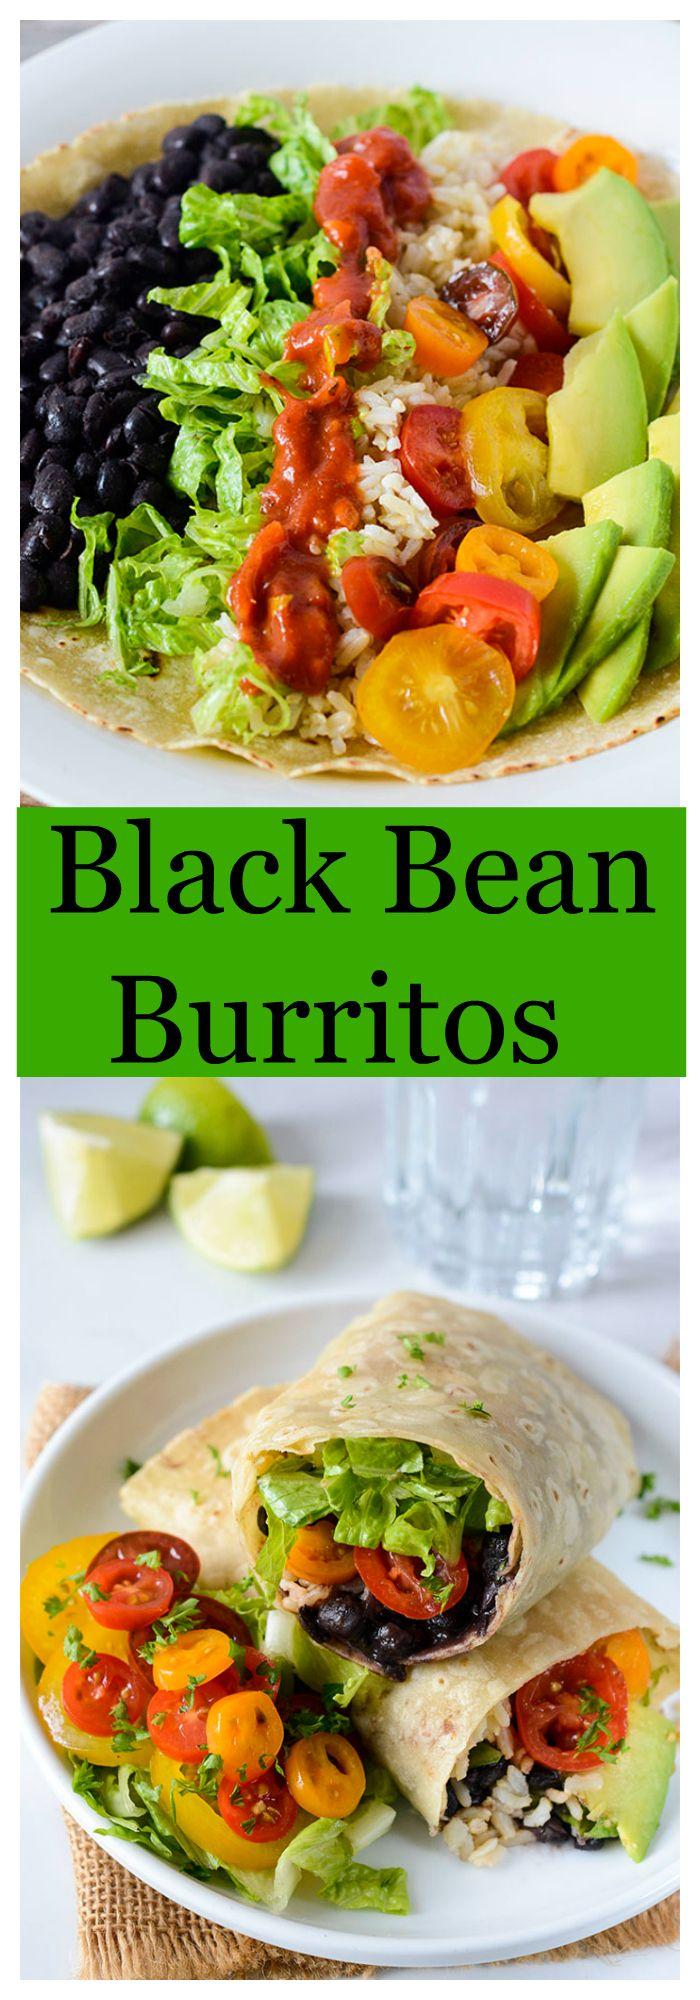 Black Bean Burritos